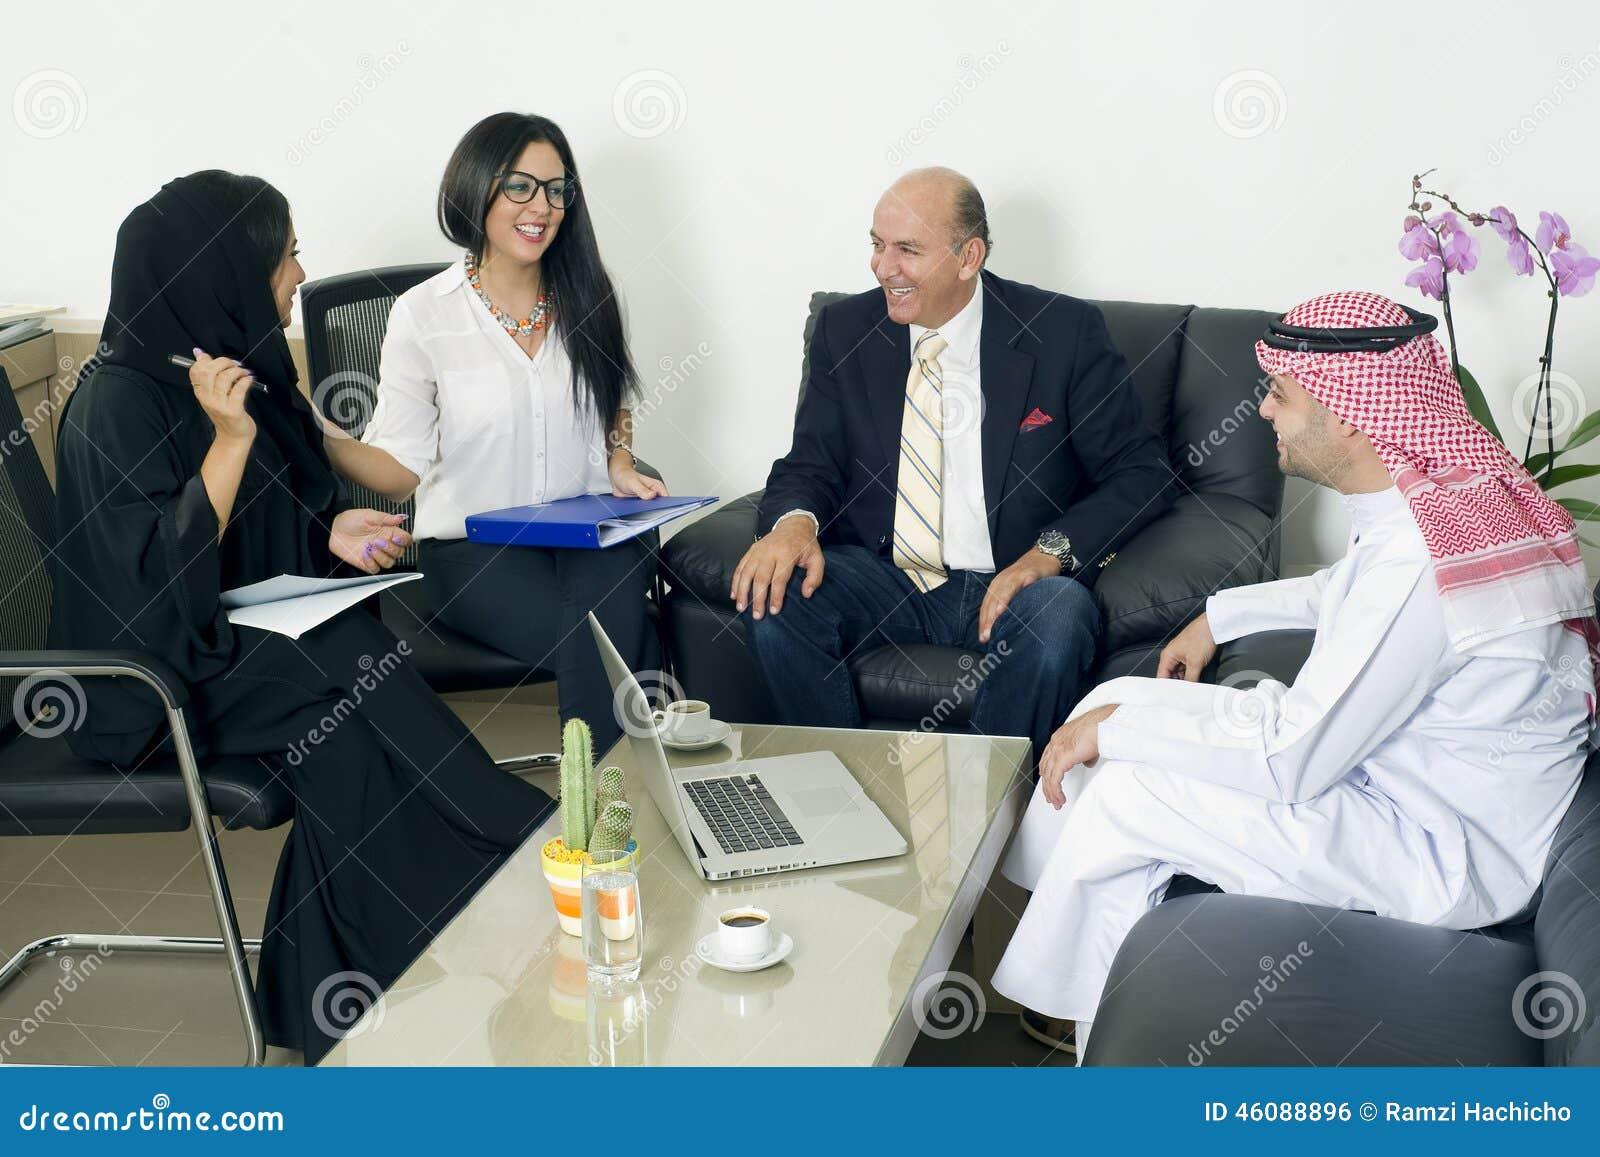 多种族业务会议在办公室,会见外国人的阿拉伯商人在办公室.图片